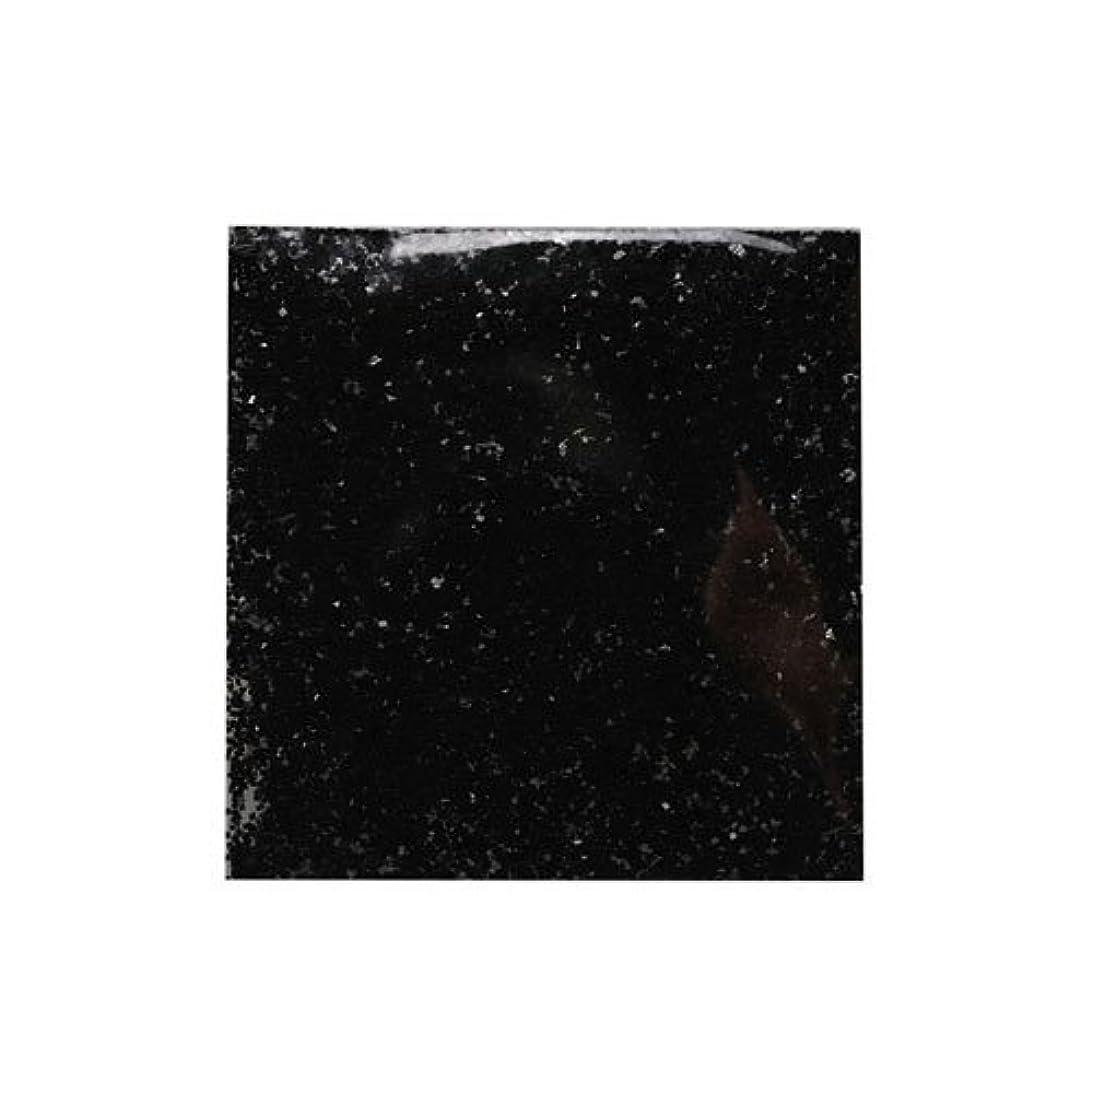 ペンフレンド保安影響を受けやすいですピカエース ネイル用パウダー ラメメタリック M #537 ブラック 2g アート材